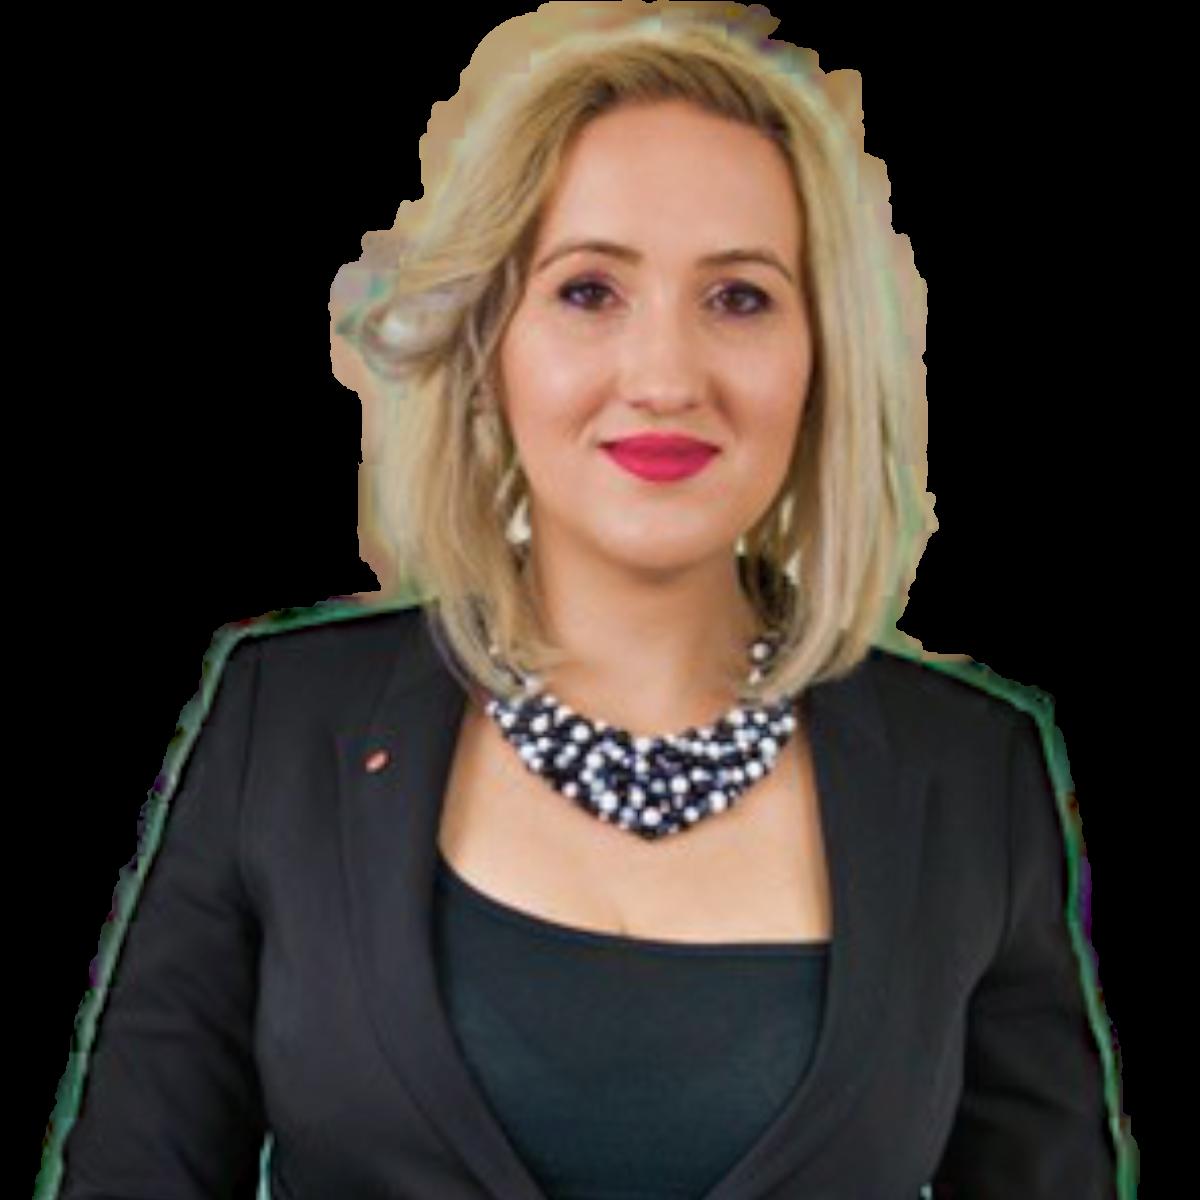 Alexandra Cica